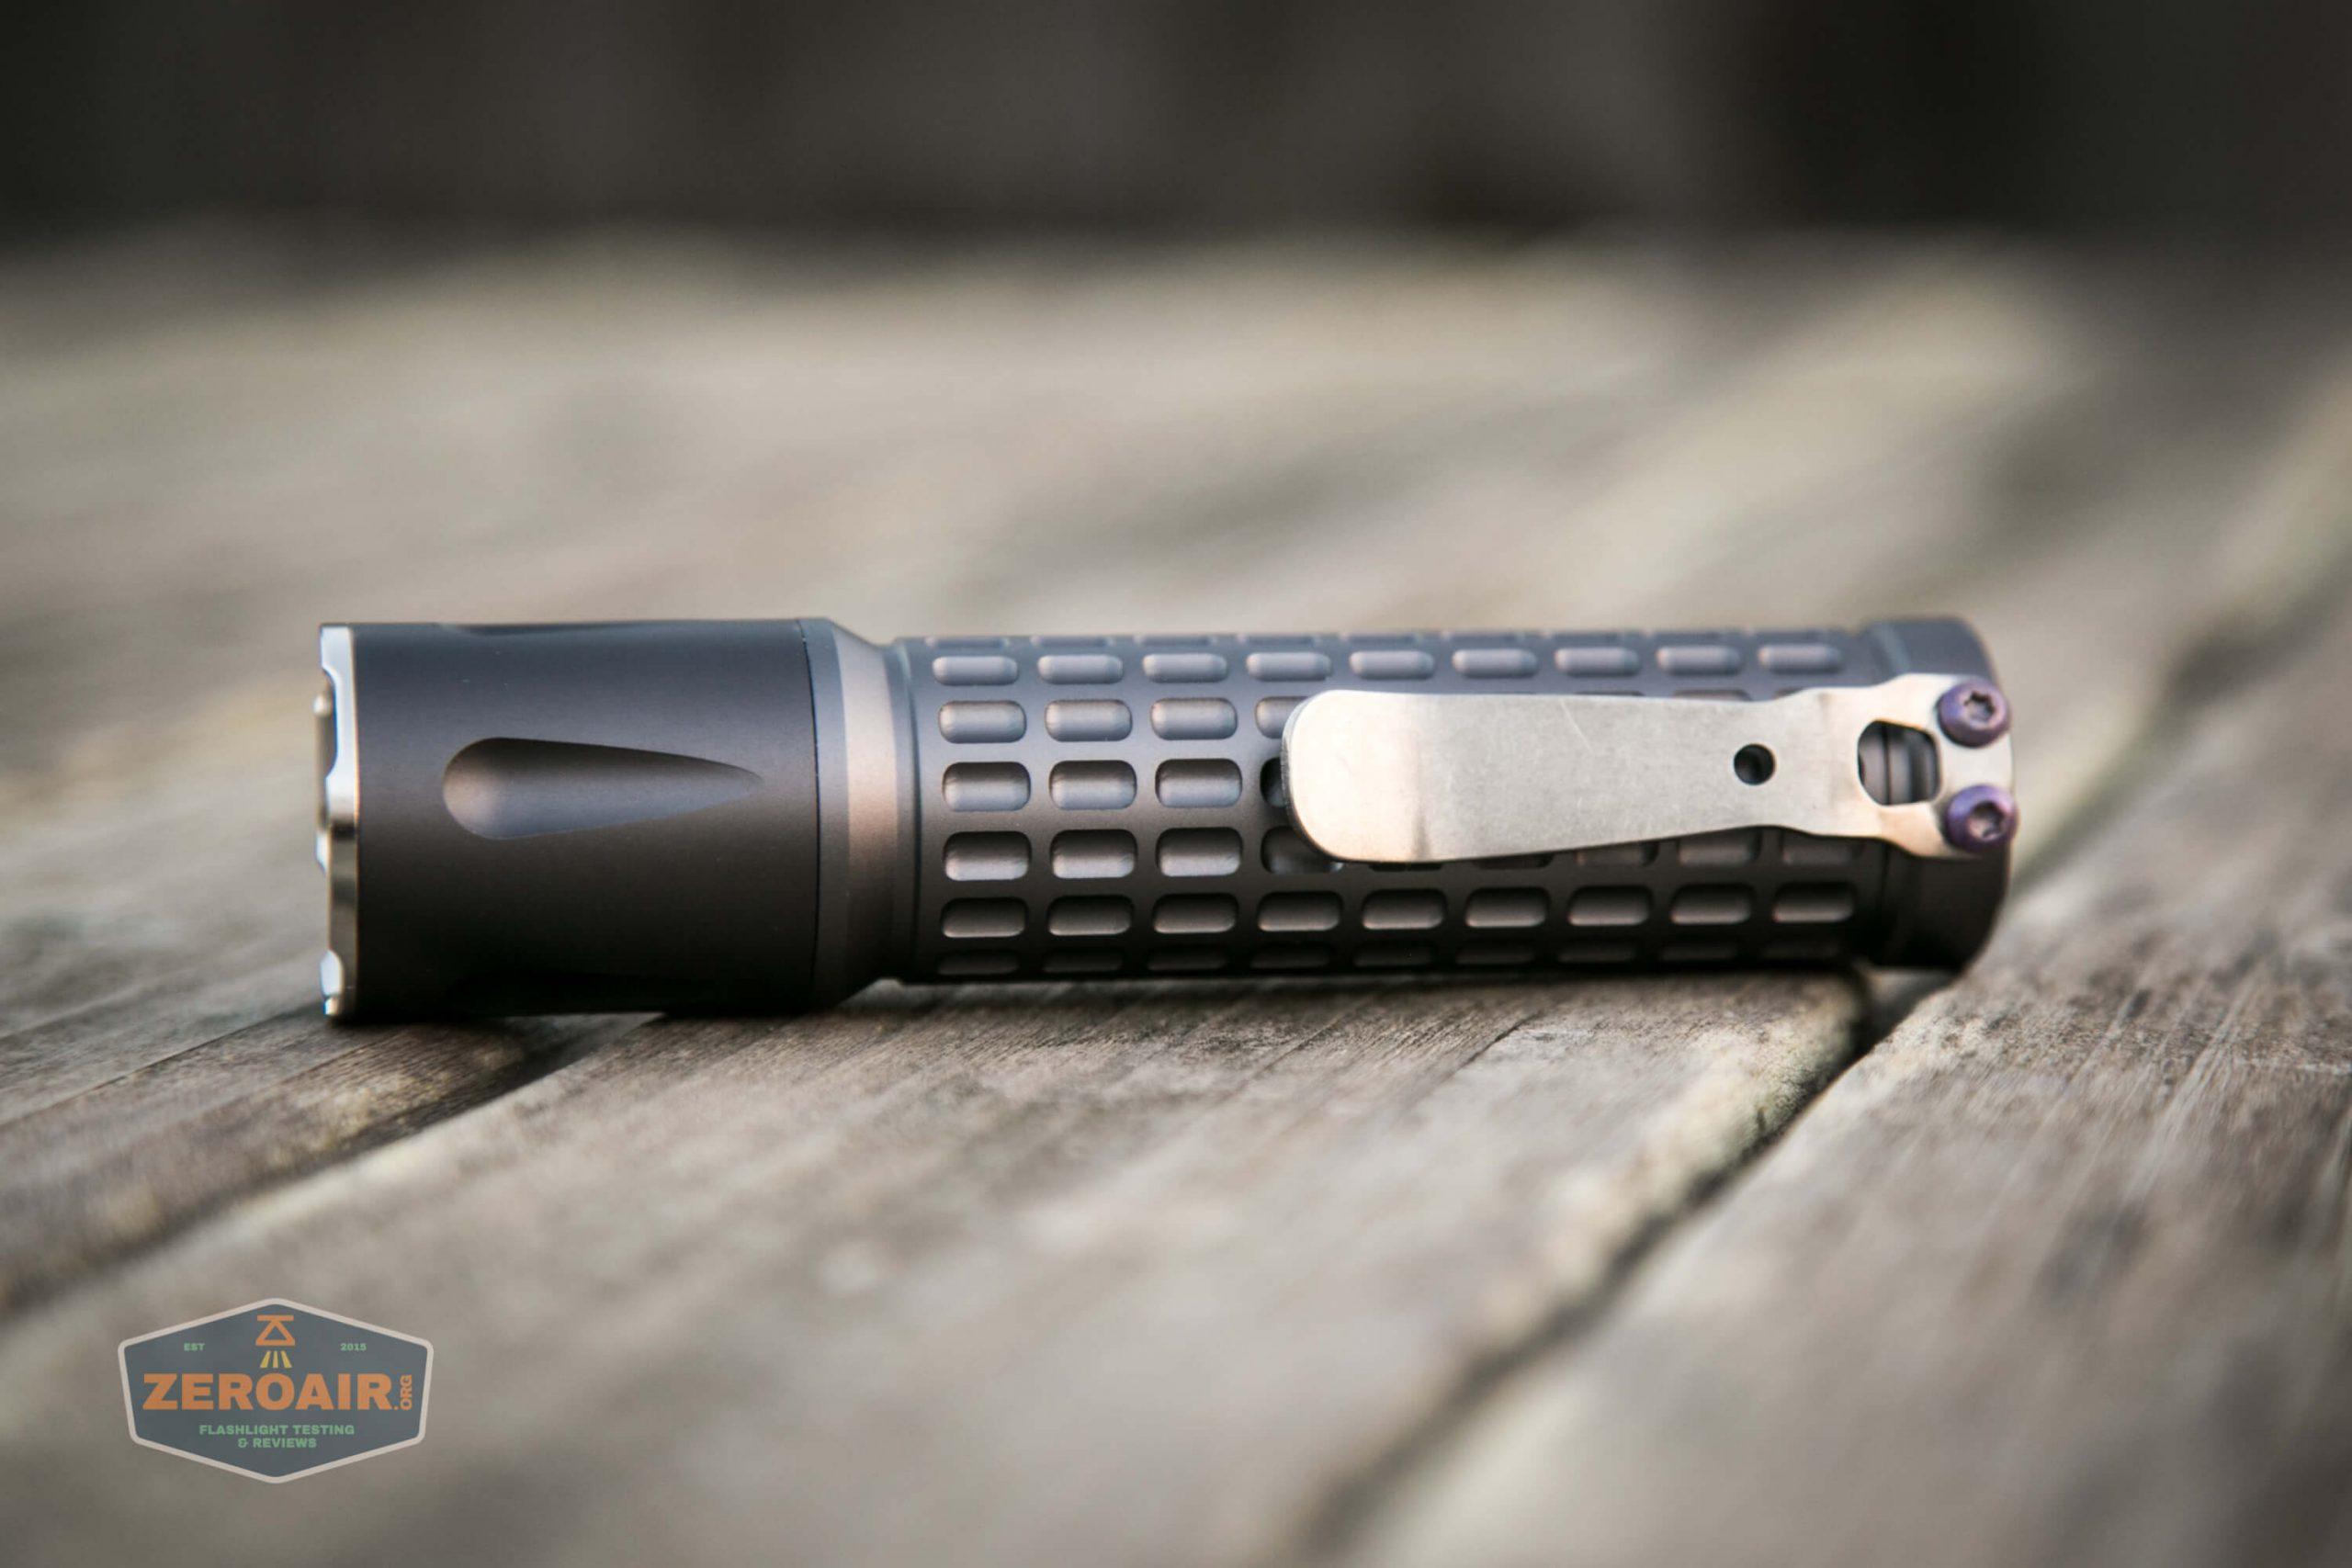 countycomm reylight 21700 quad emitter flashlight laying on side